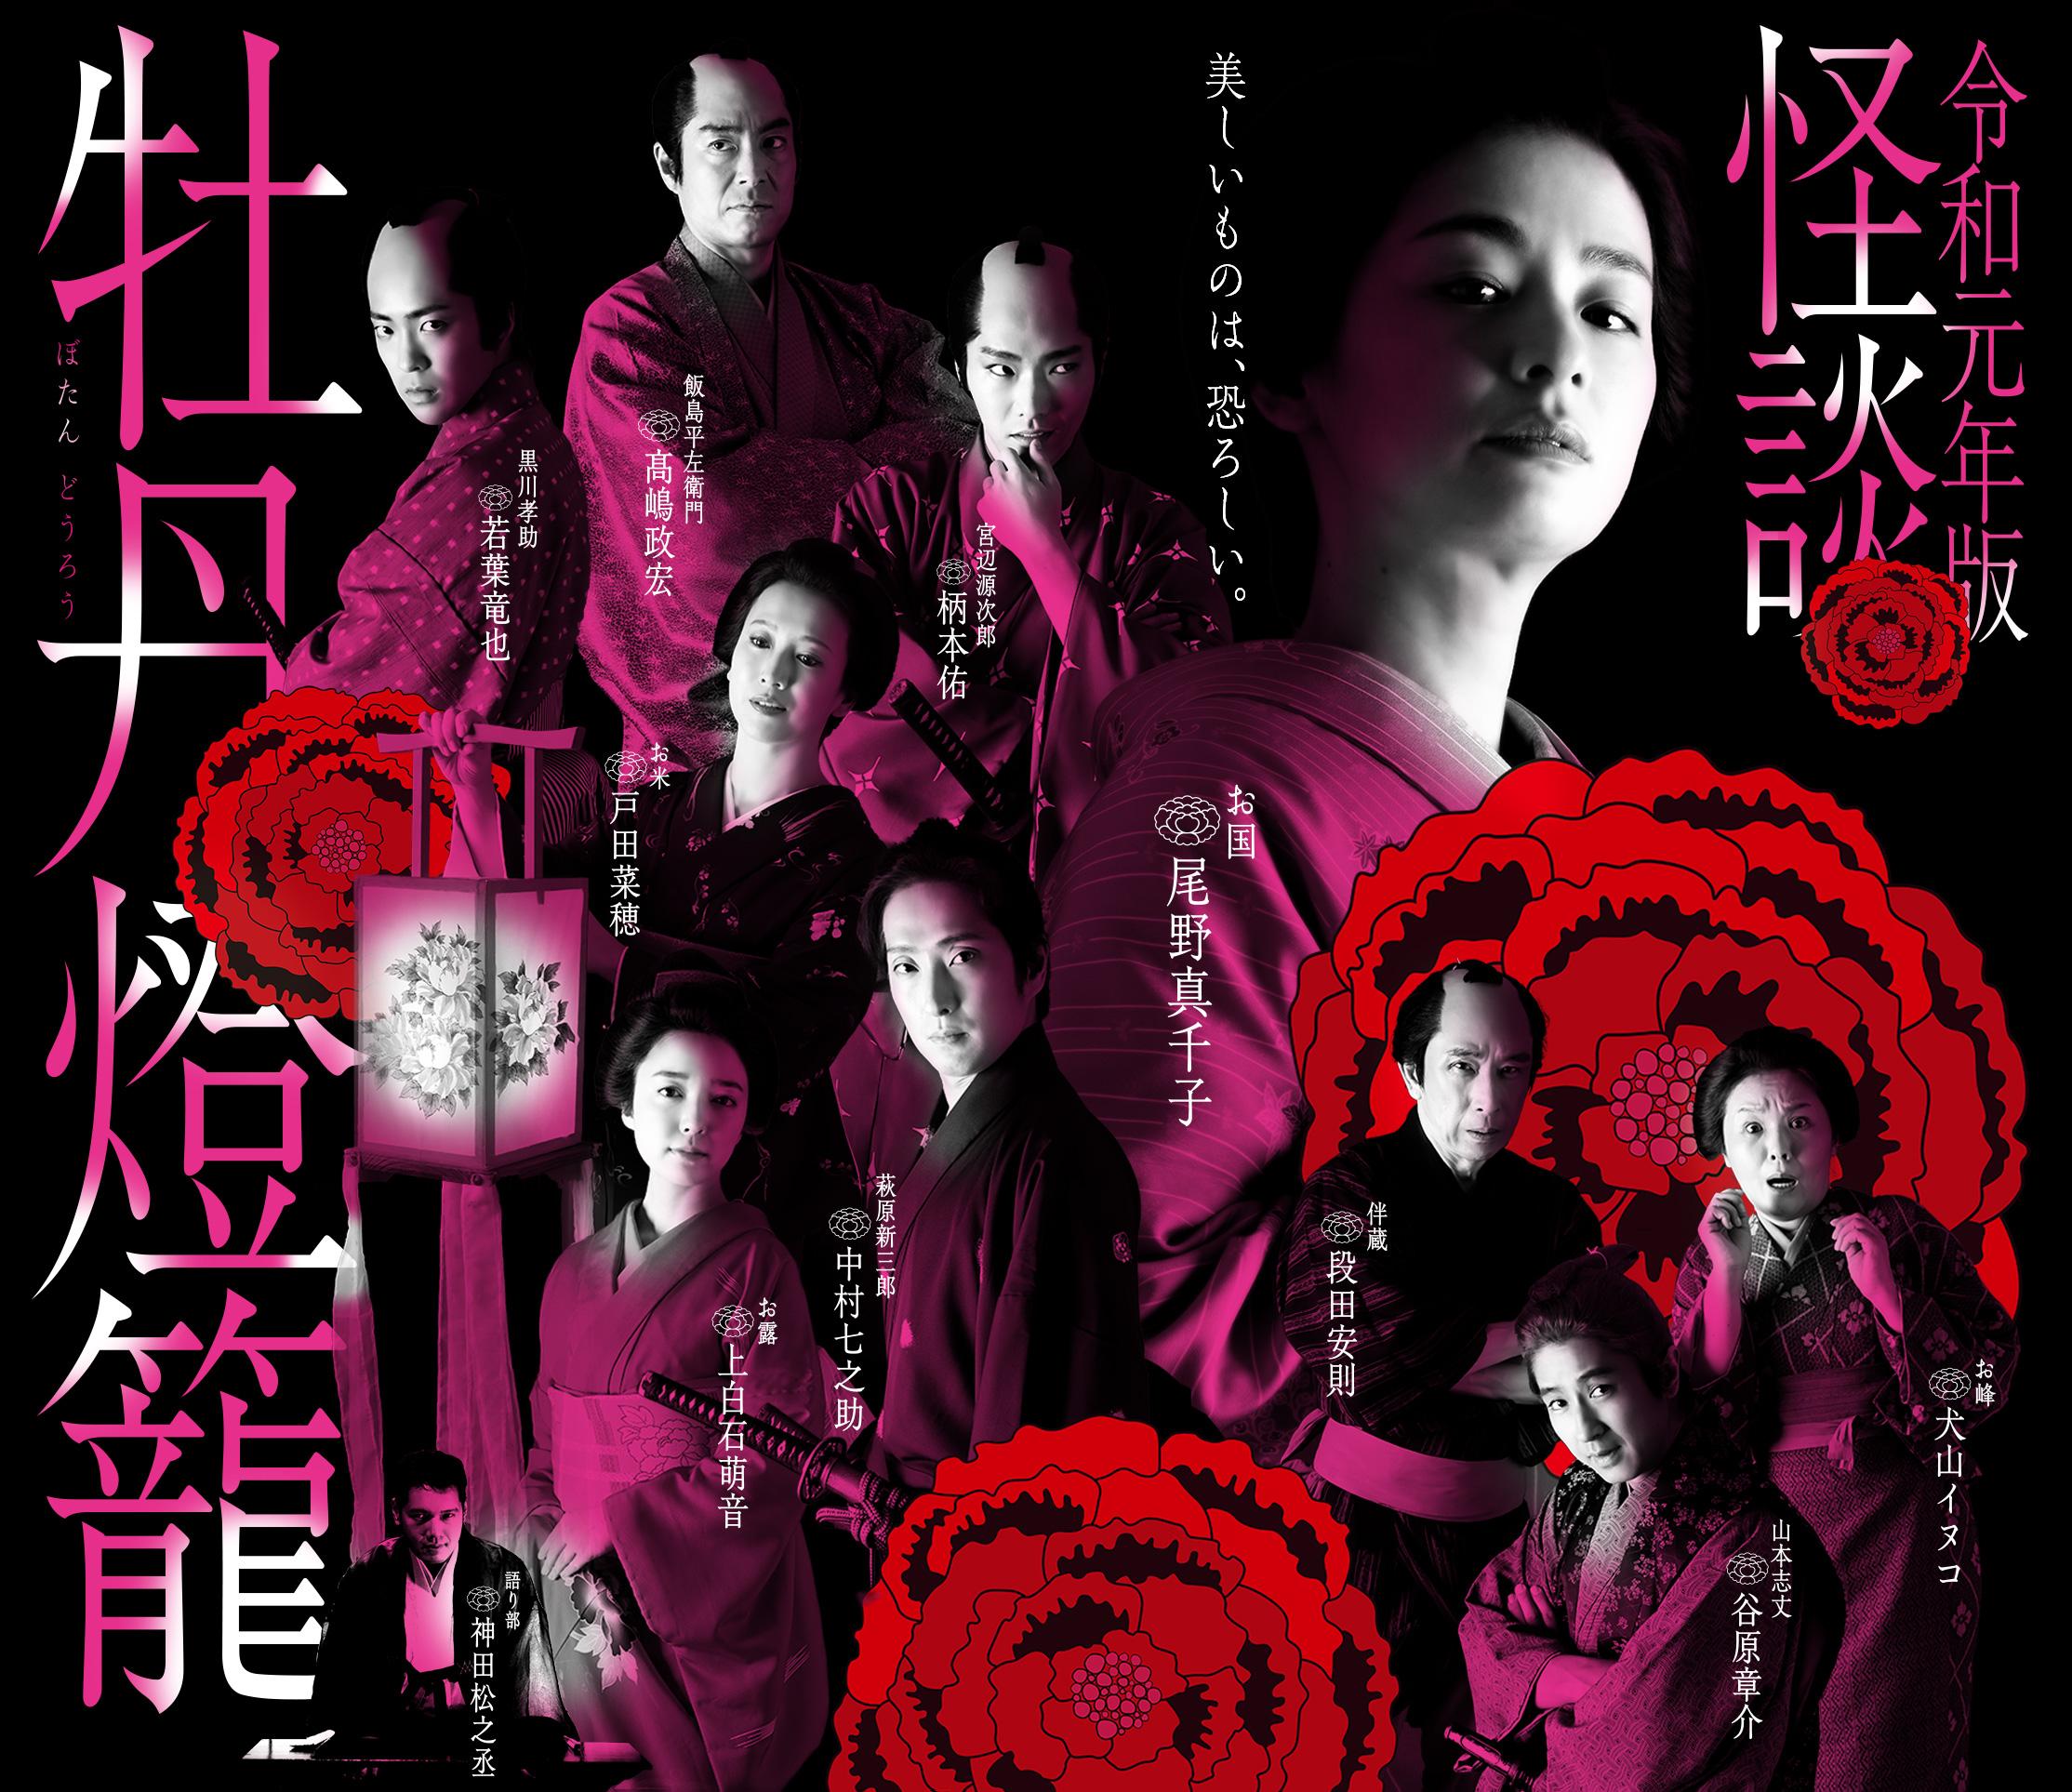 【出演情報】好本佐保 / NHK BS4K ドラマ「怪談牡丹燈籠」出演